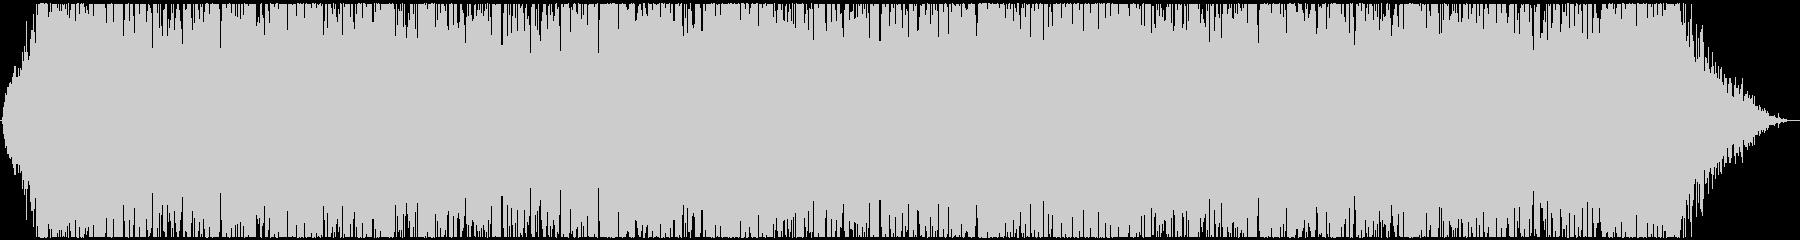 イメージ 地獄の声11の未再生の波形